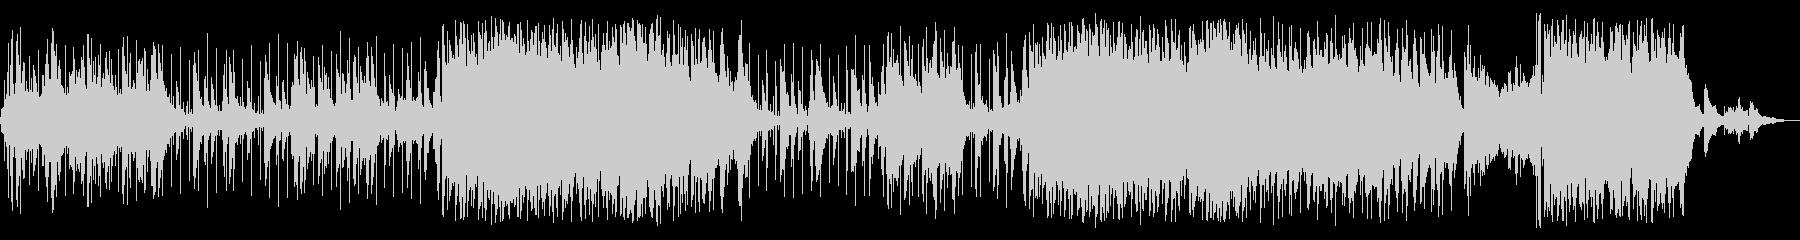 クールなサウンドのBGMの未再生の波形